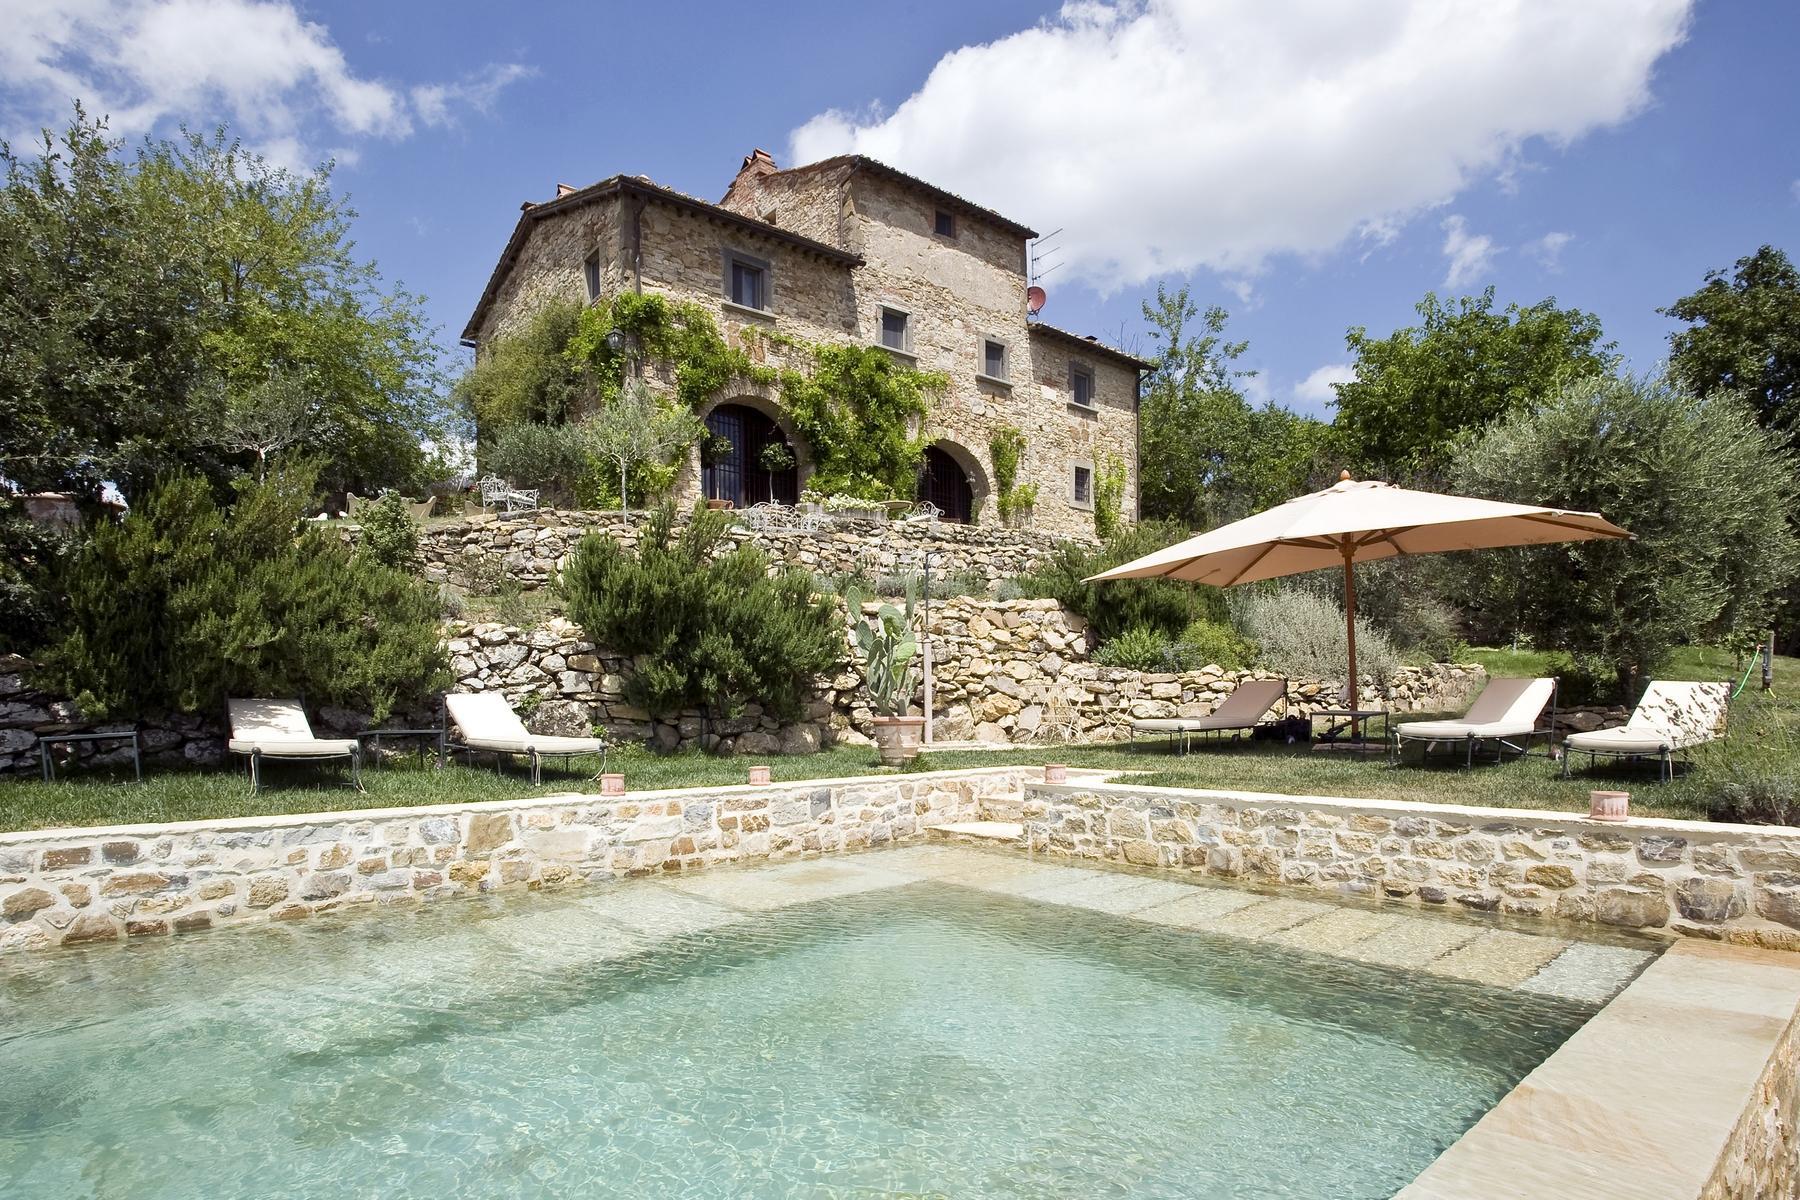 坐落于Chianti地区的绝美的农舍,且享有壮丽的景色和游泳池 - 2